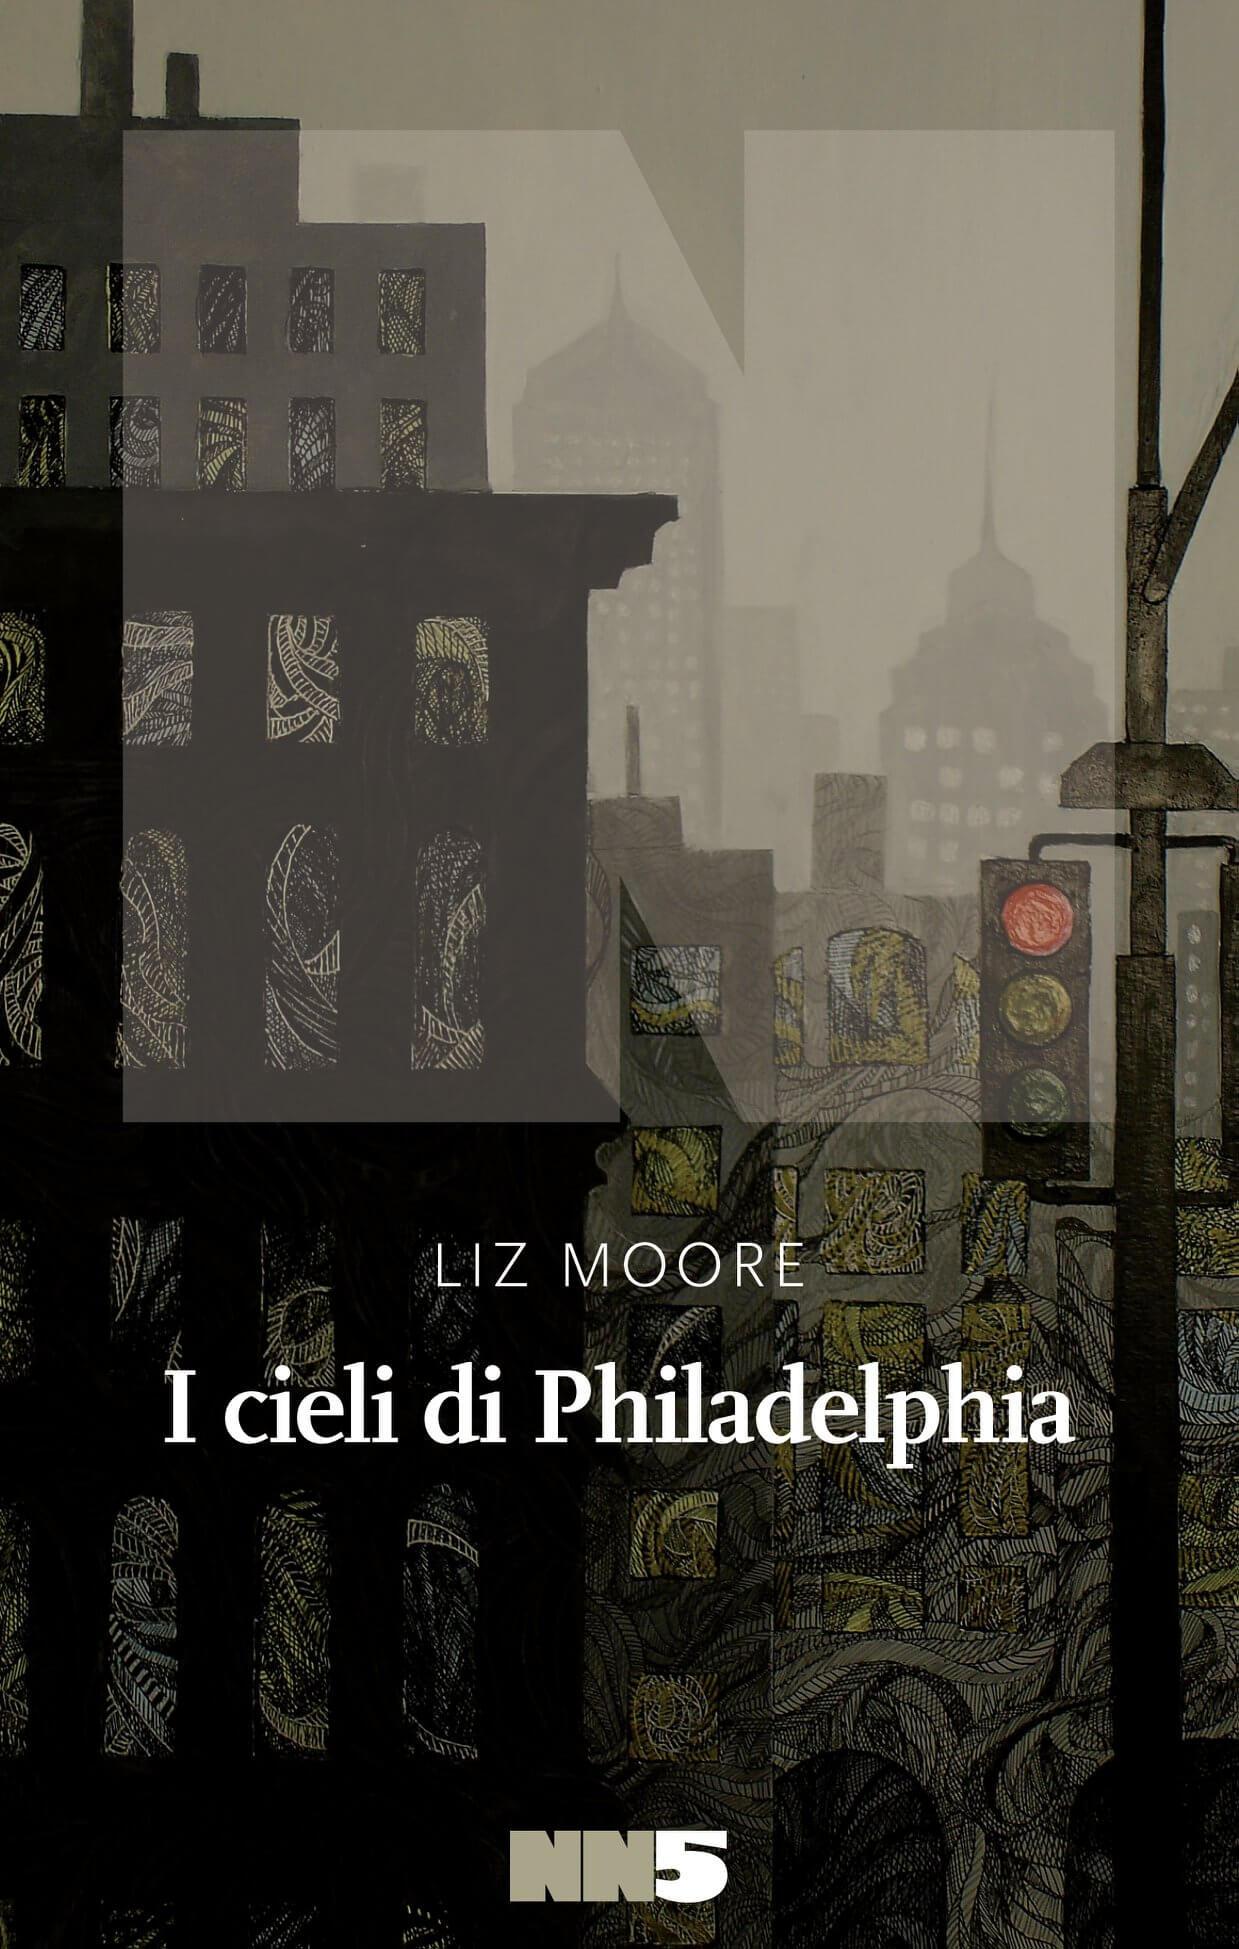 I cieli di Philadelphia - Liz Moore Maggio 2020